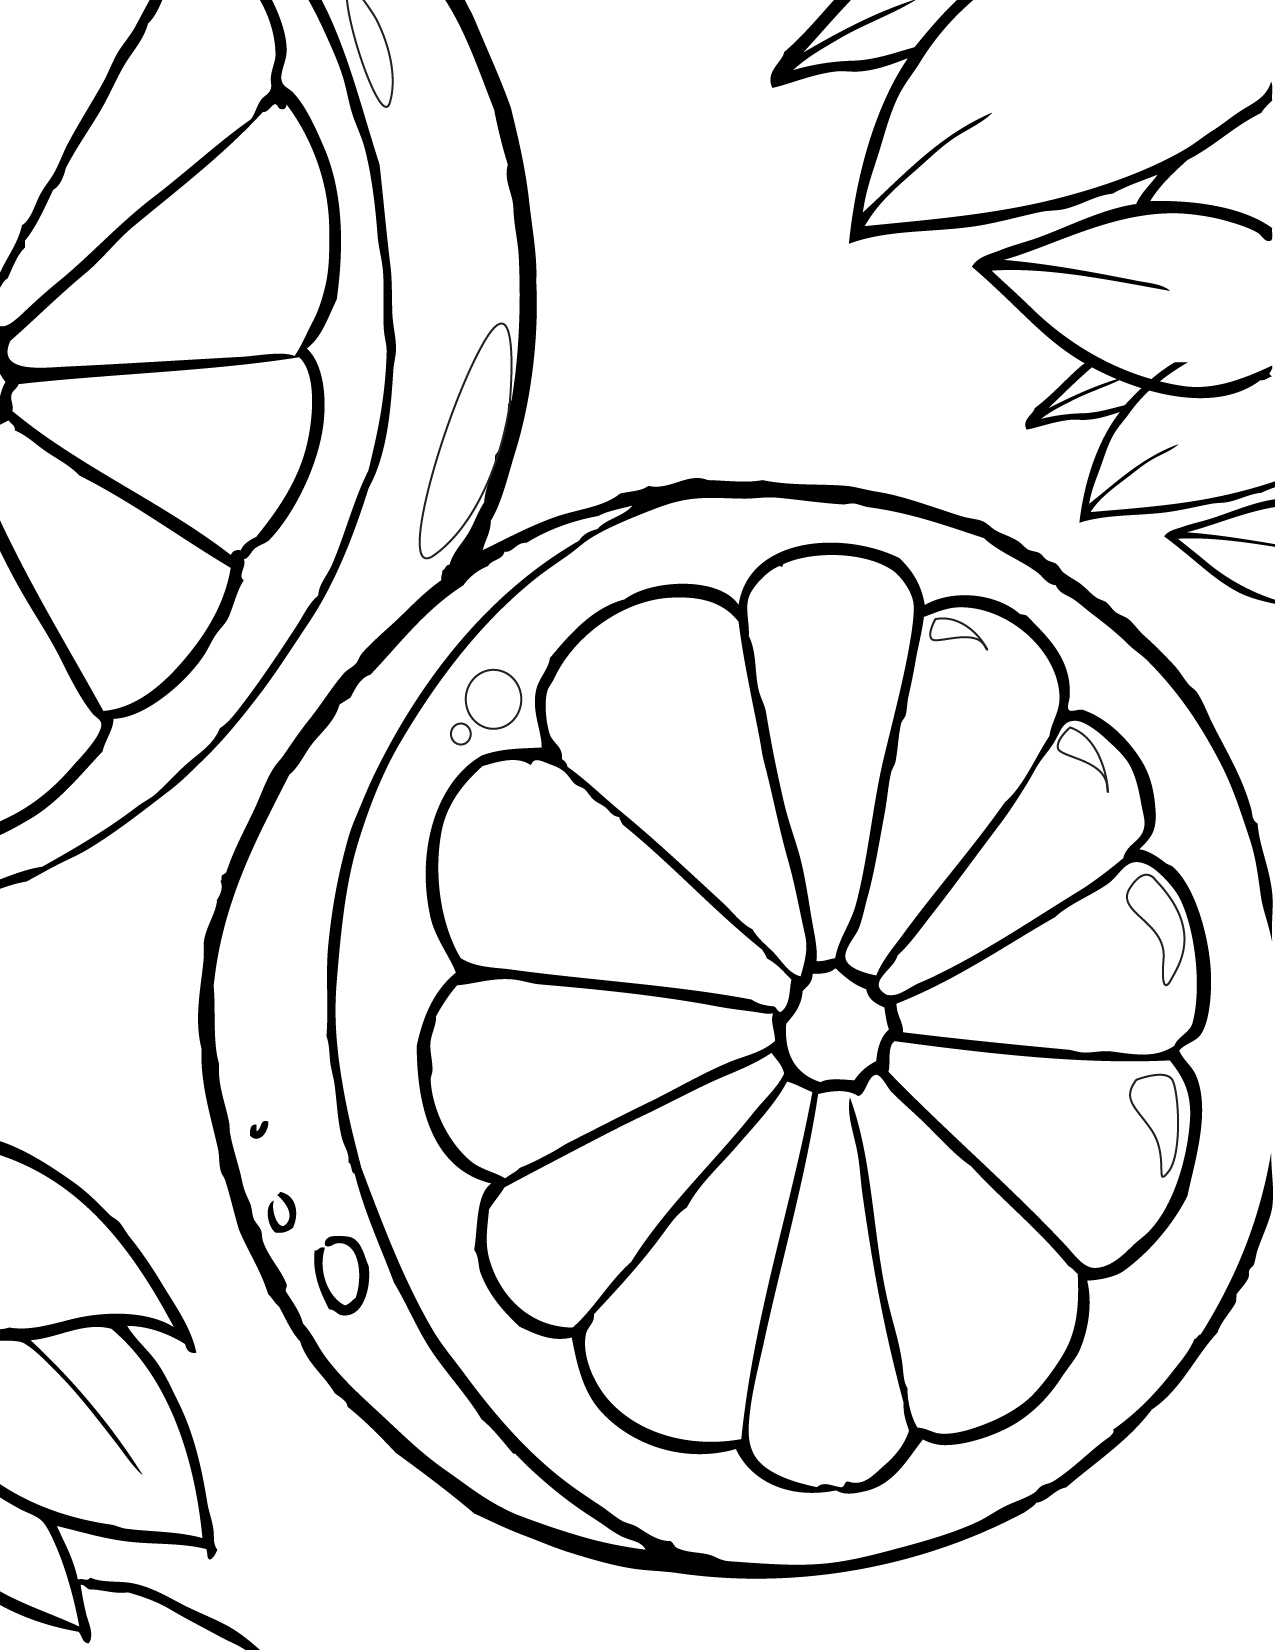 De Amor Dibujar De Dibujos Para Emo